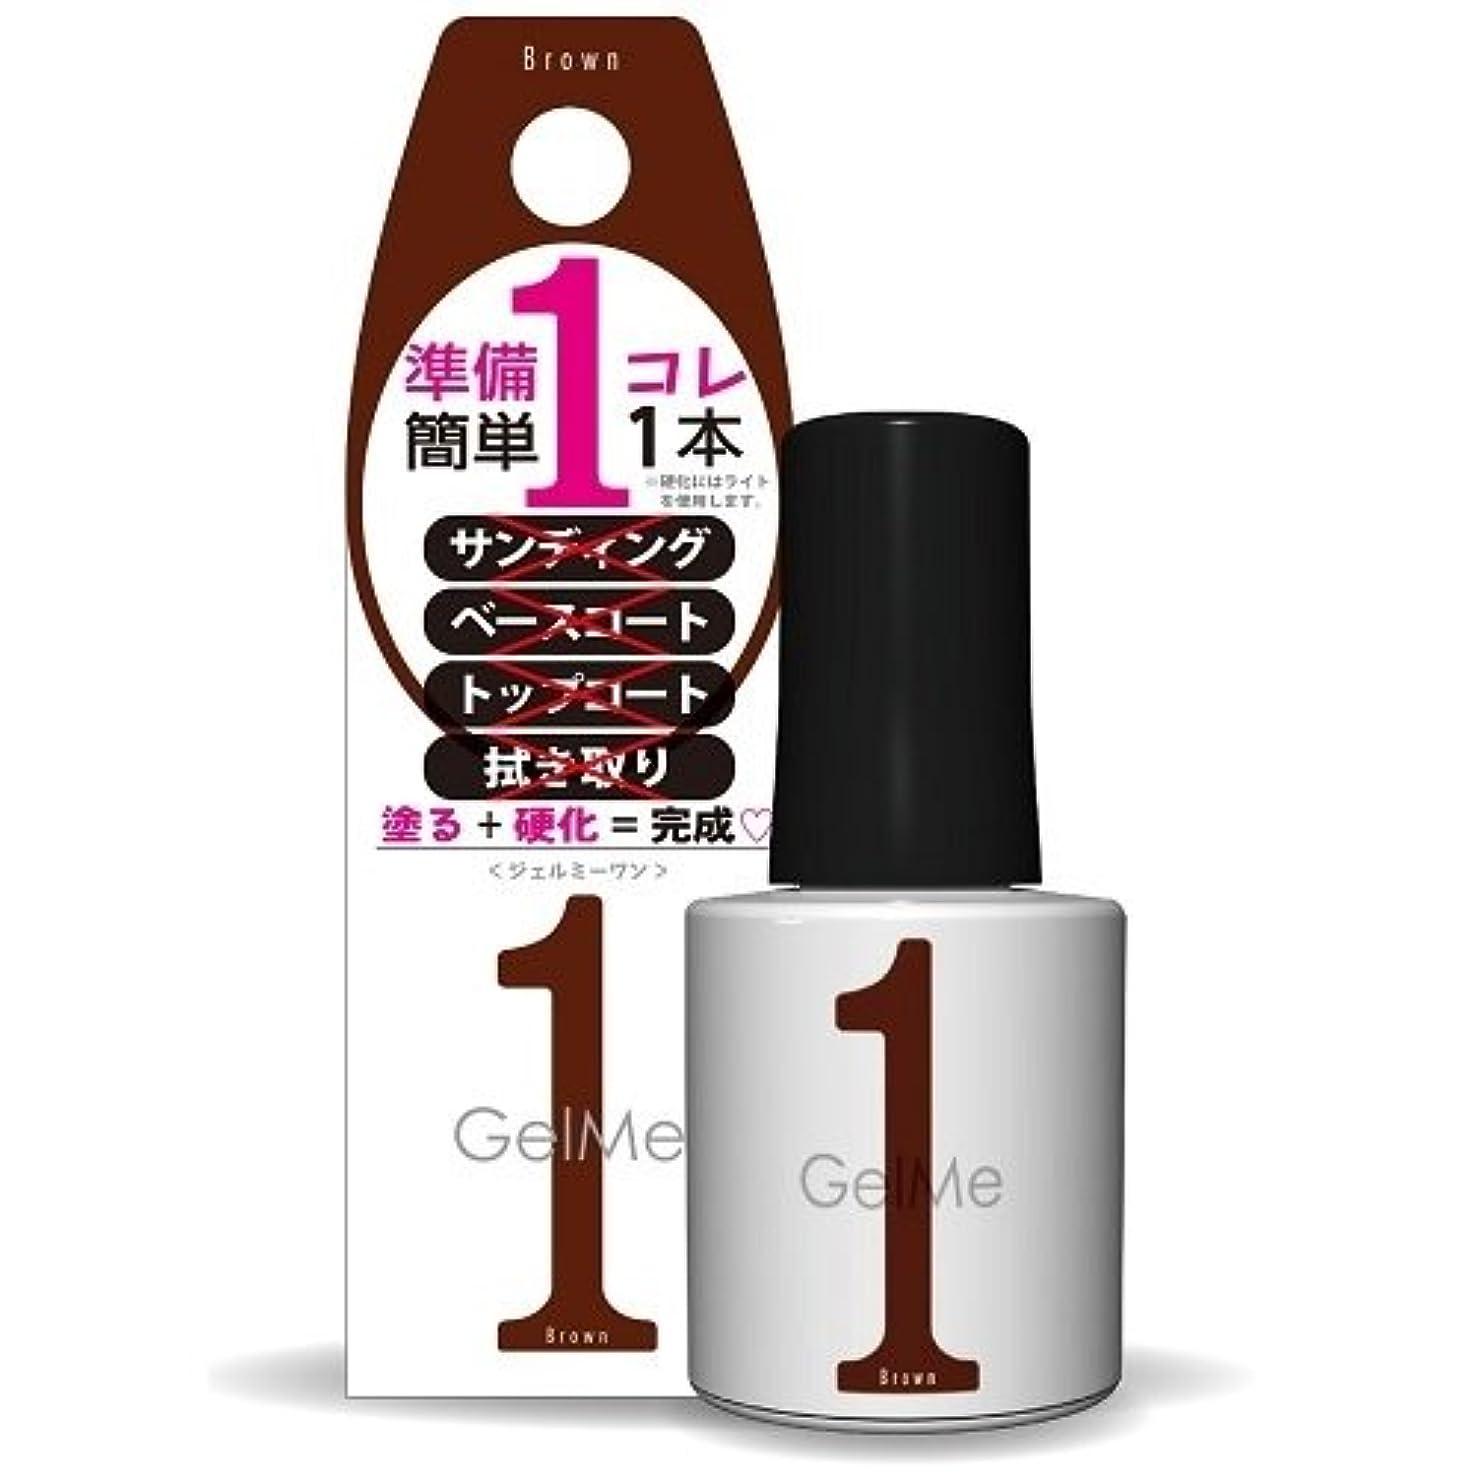 ブース黒人繊毛ジェルミーワン(Gel Me 1) 33 ブラウン